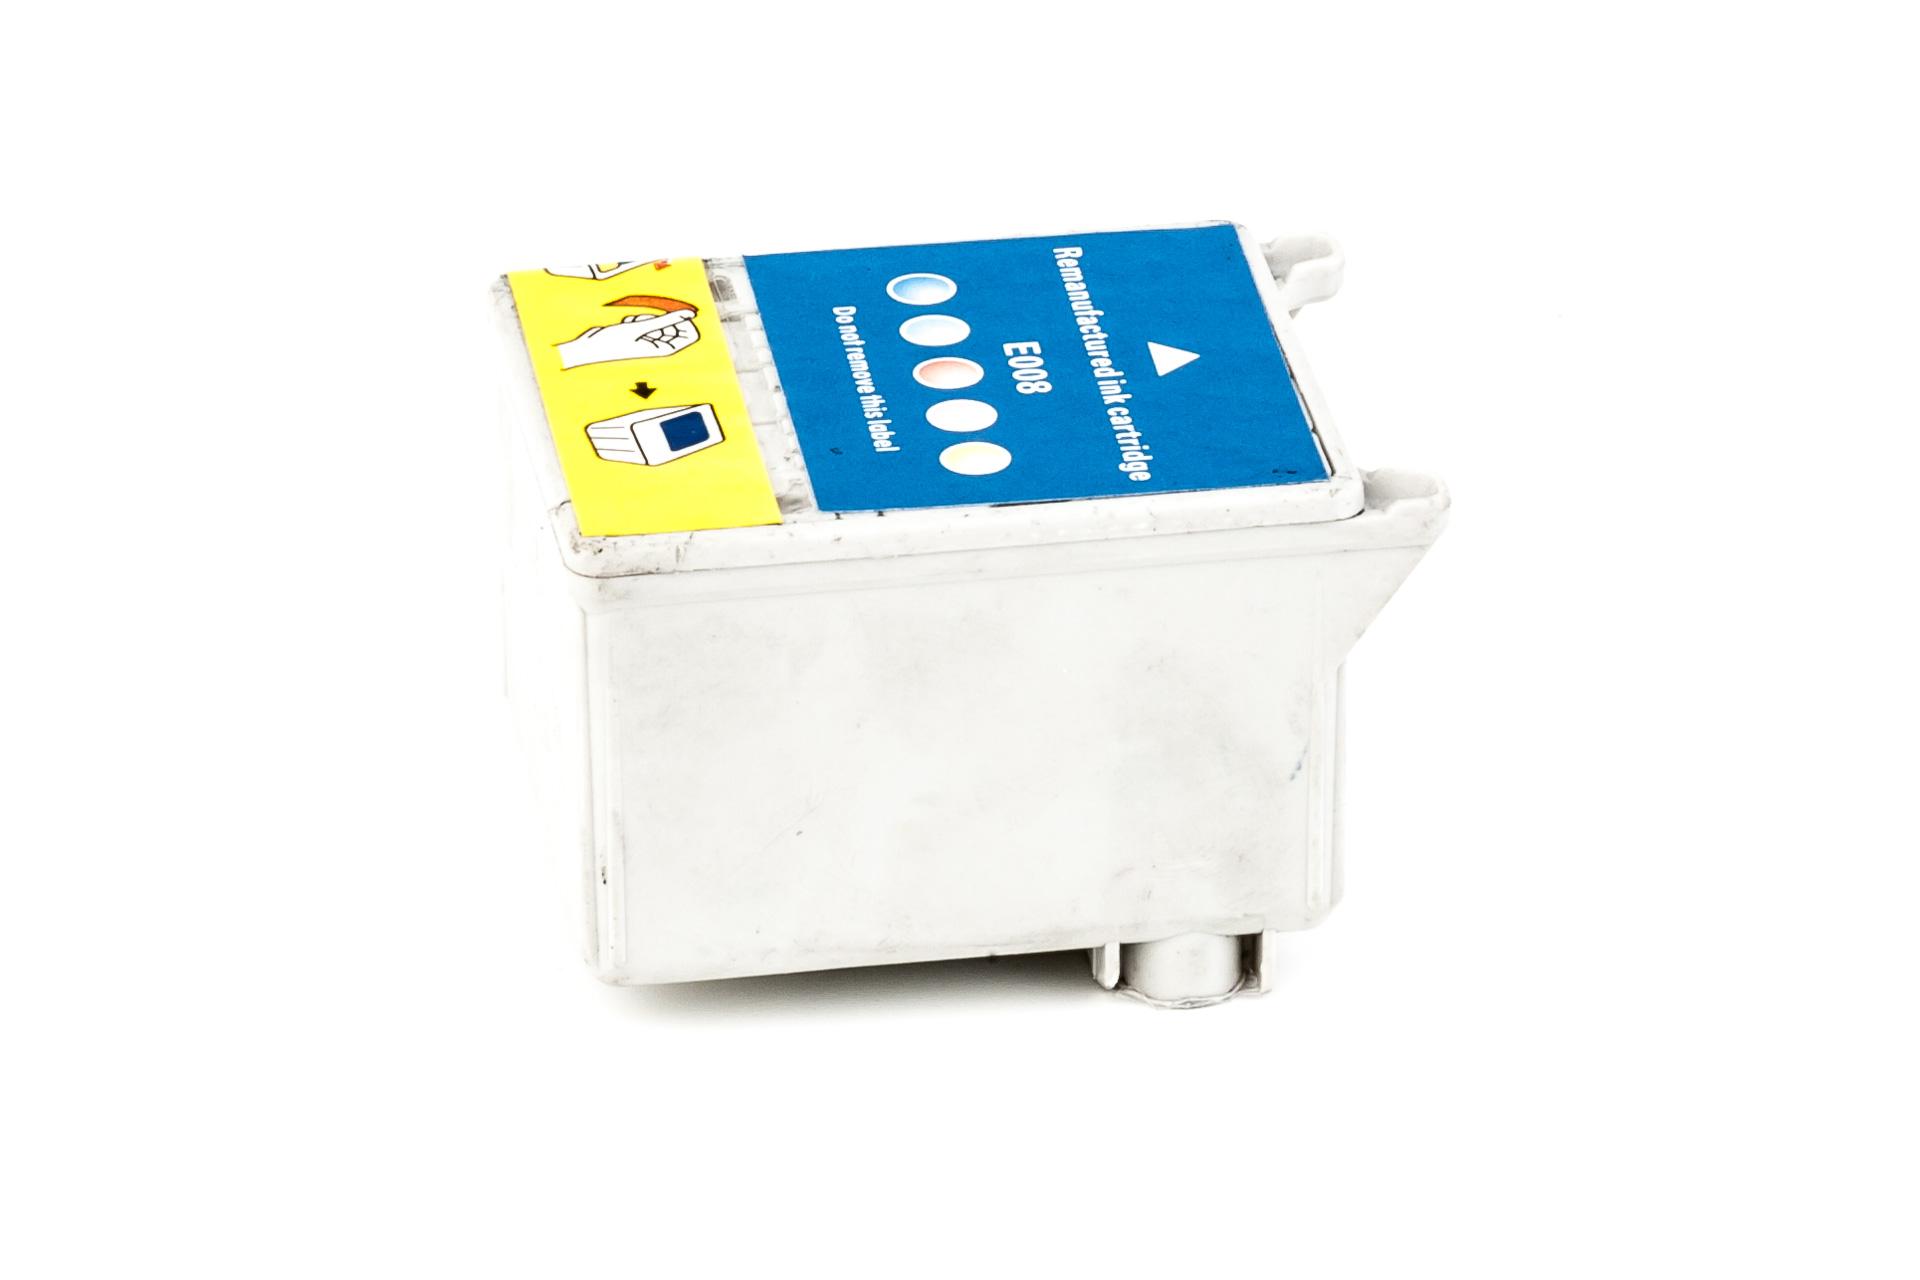 ASC-Premium-Tintenpatrone für Epson Stylus Photo 870 Series color Stylus Photo 870 Series